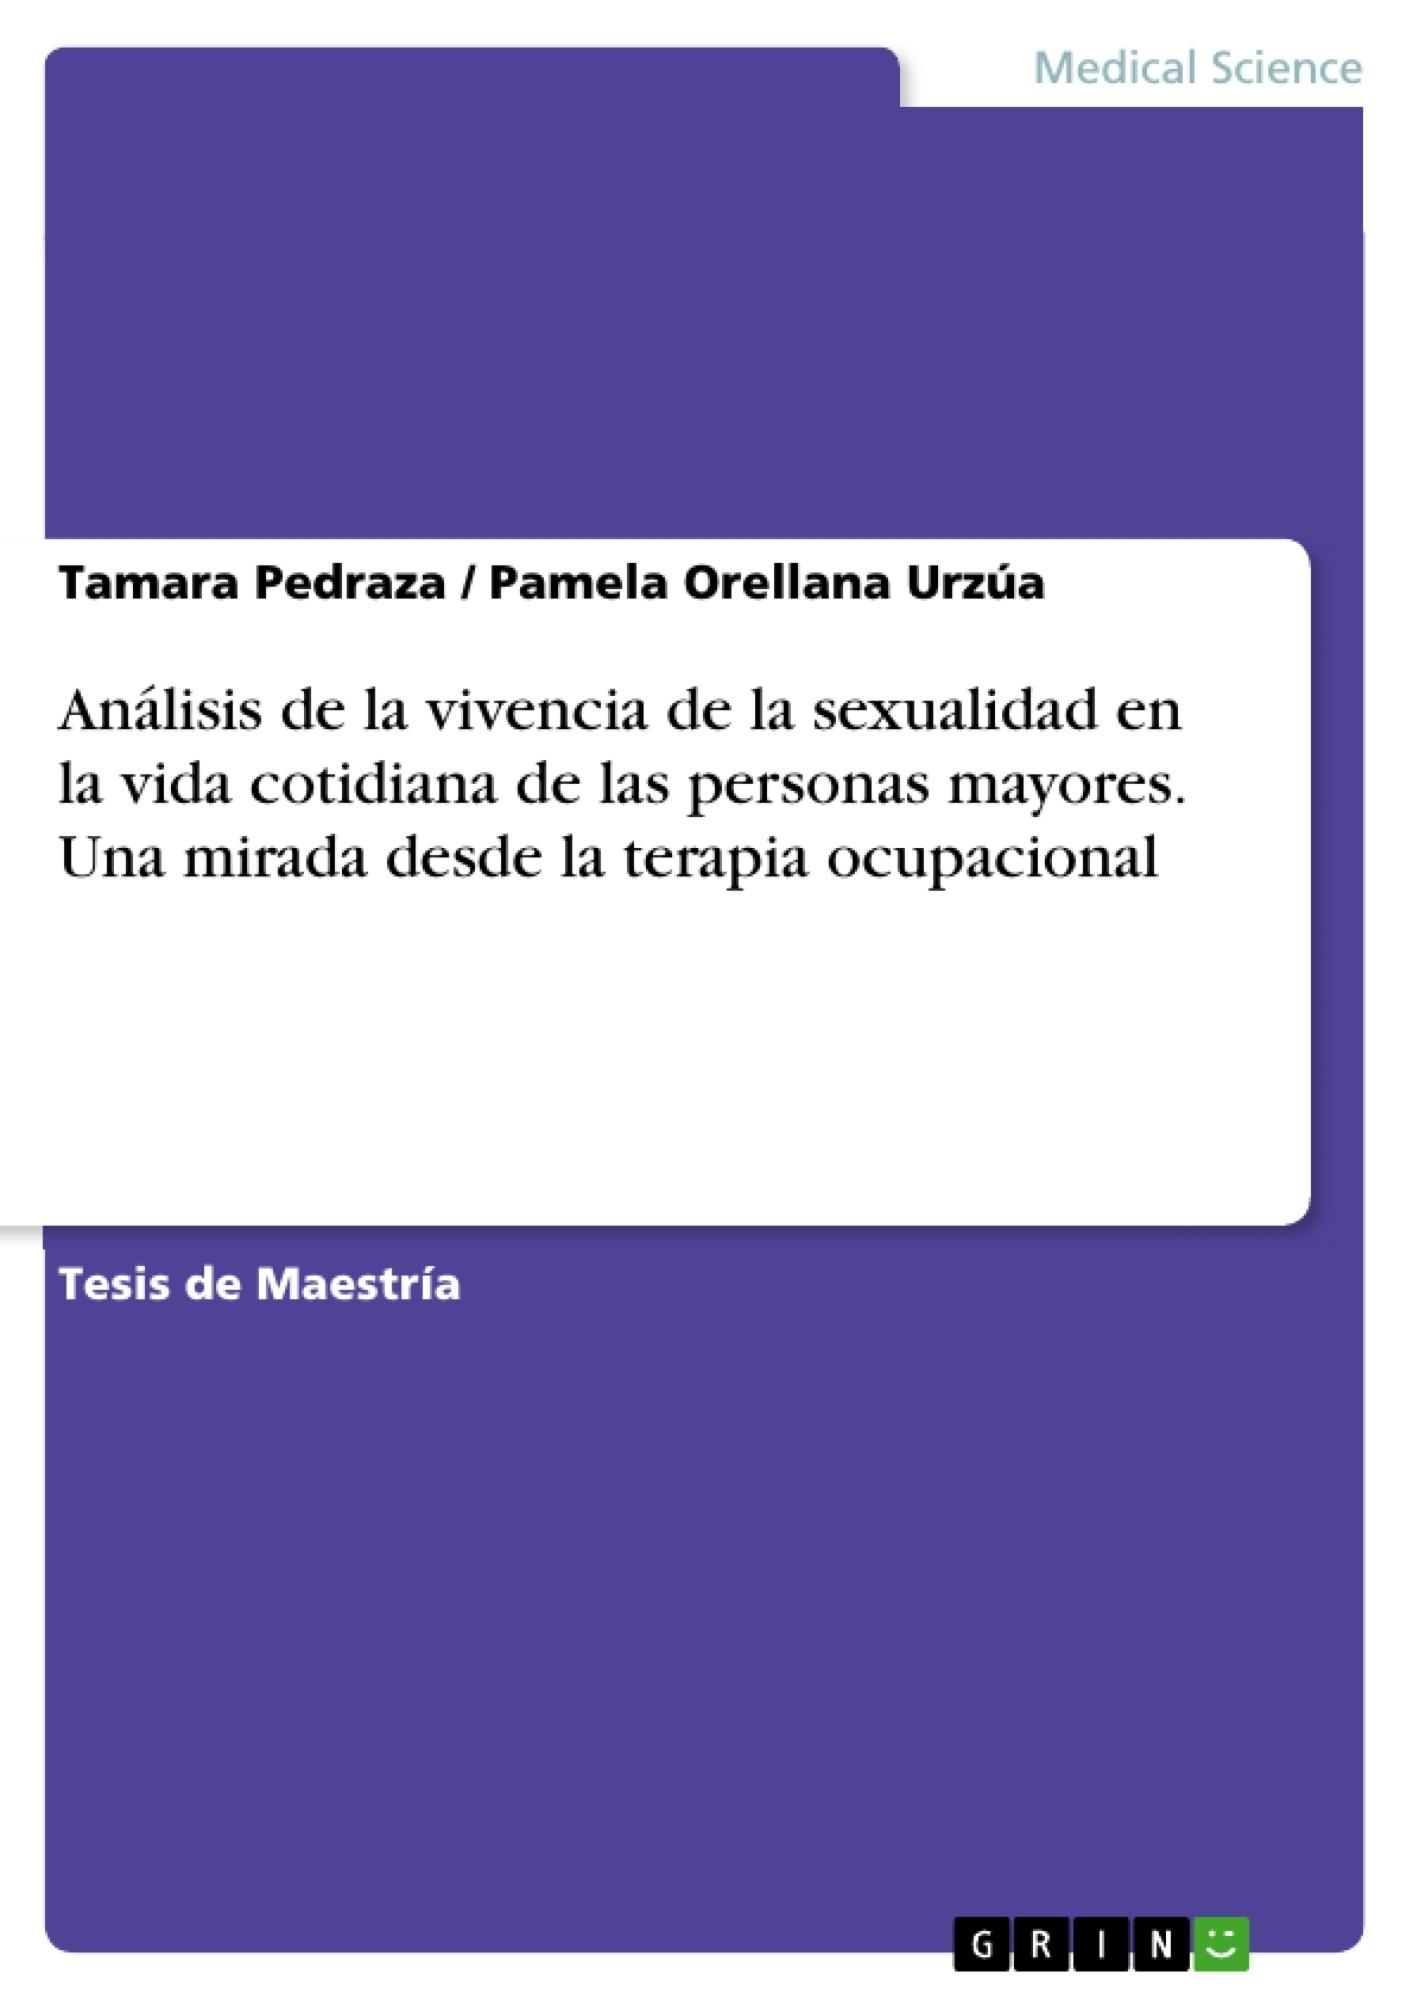 Mujeres - 271163